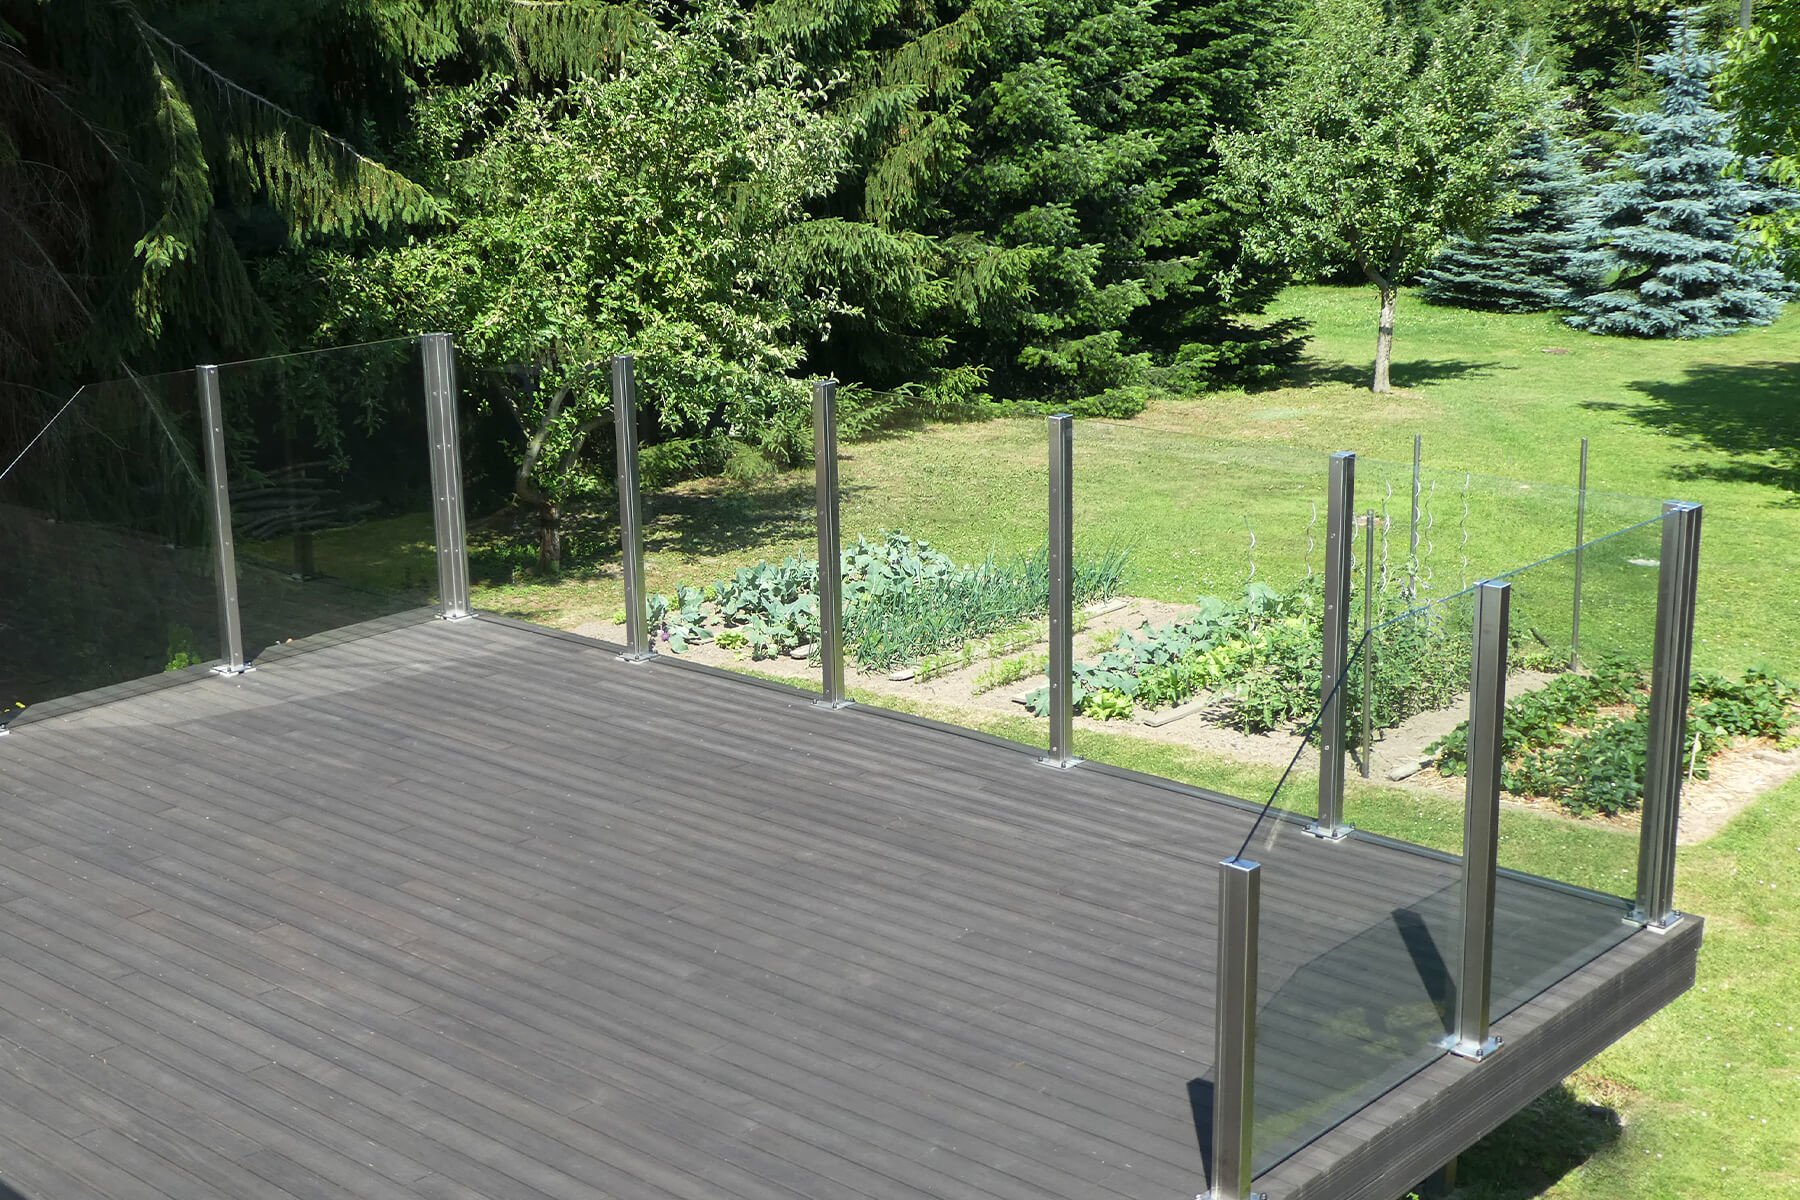 geschlossener-winddichter-glaszaun-ohne- sichteinschraenkung-in-cleaner-optik-fuer-garten-und terrasse